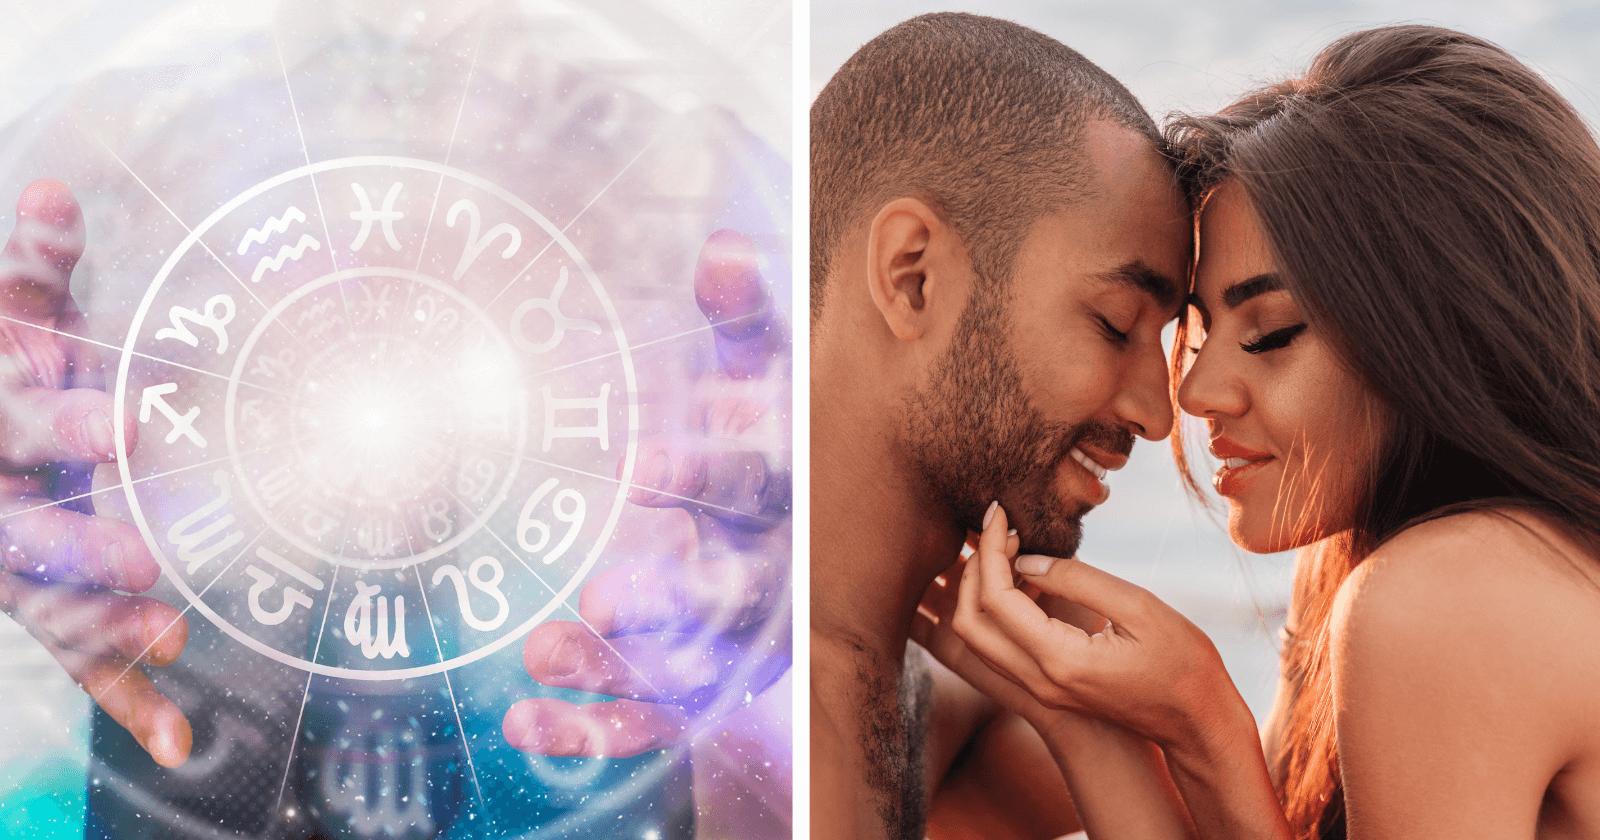 Signos de Fogo: suas combinações astrais no ANO DE VÊNUS e as mudanças que ocorrerão!